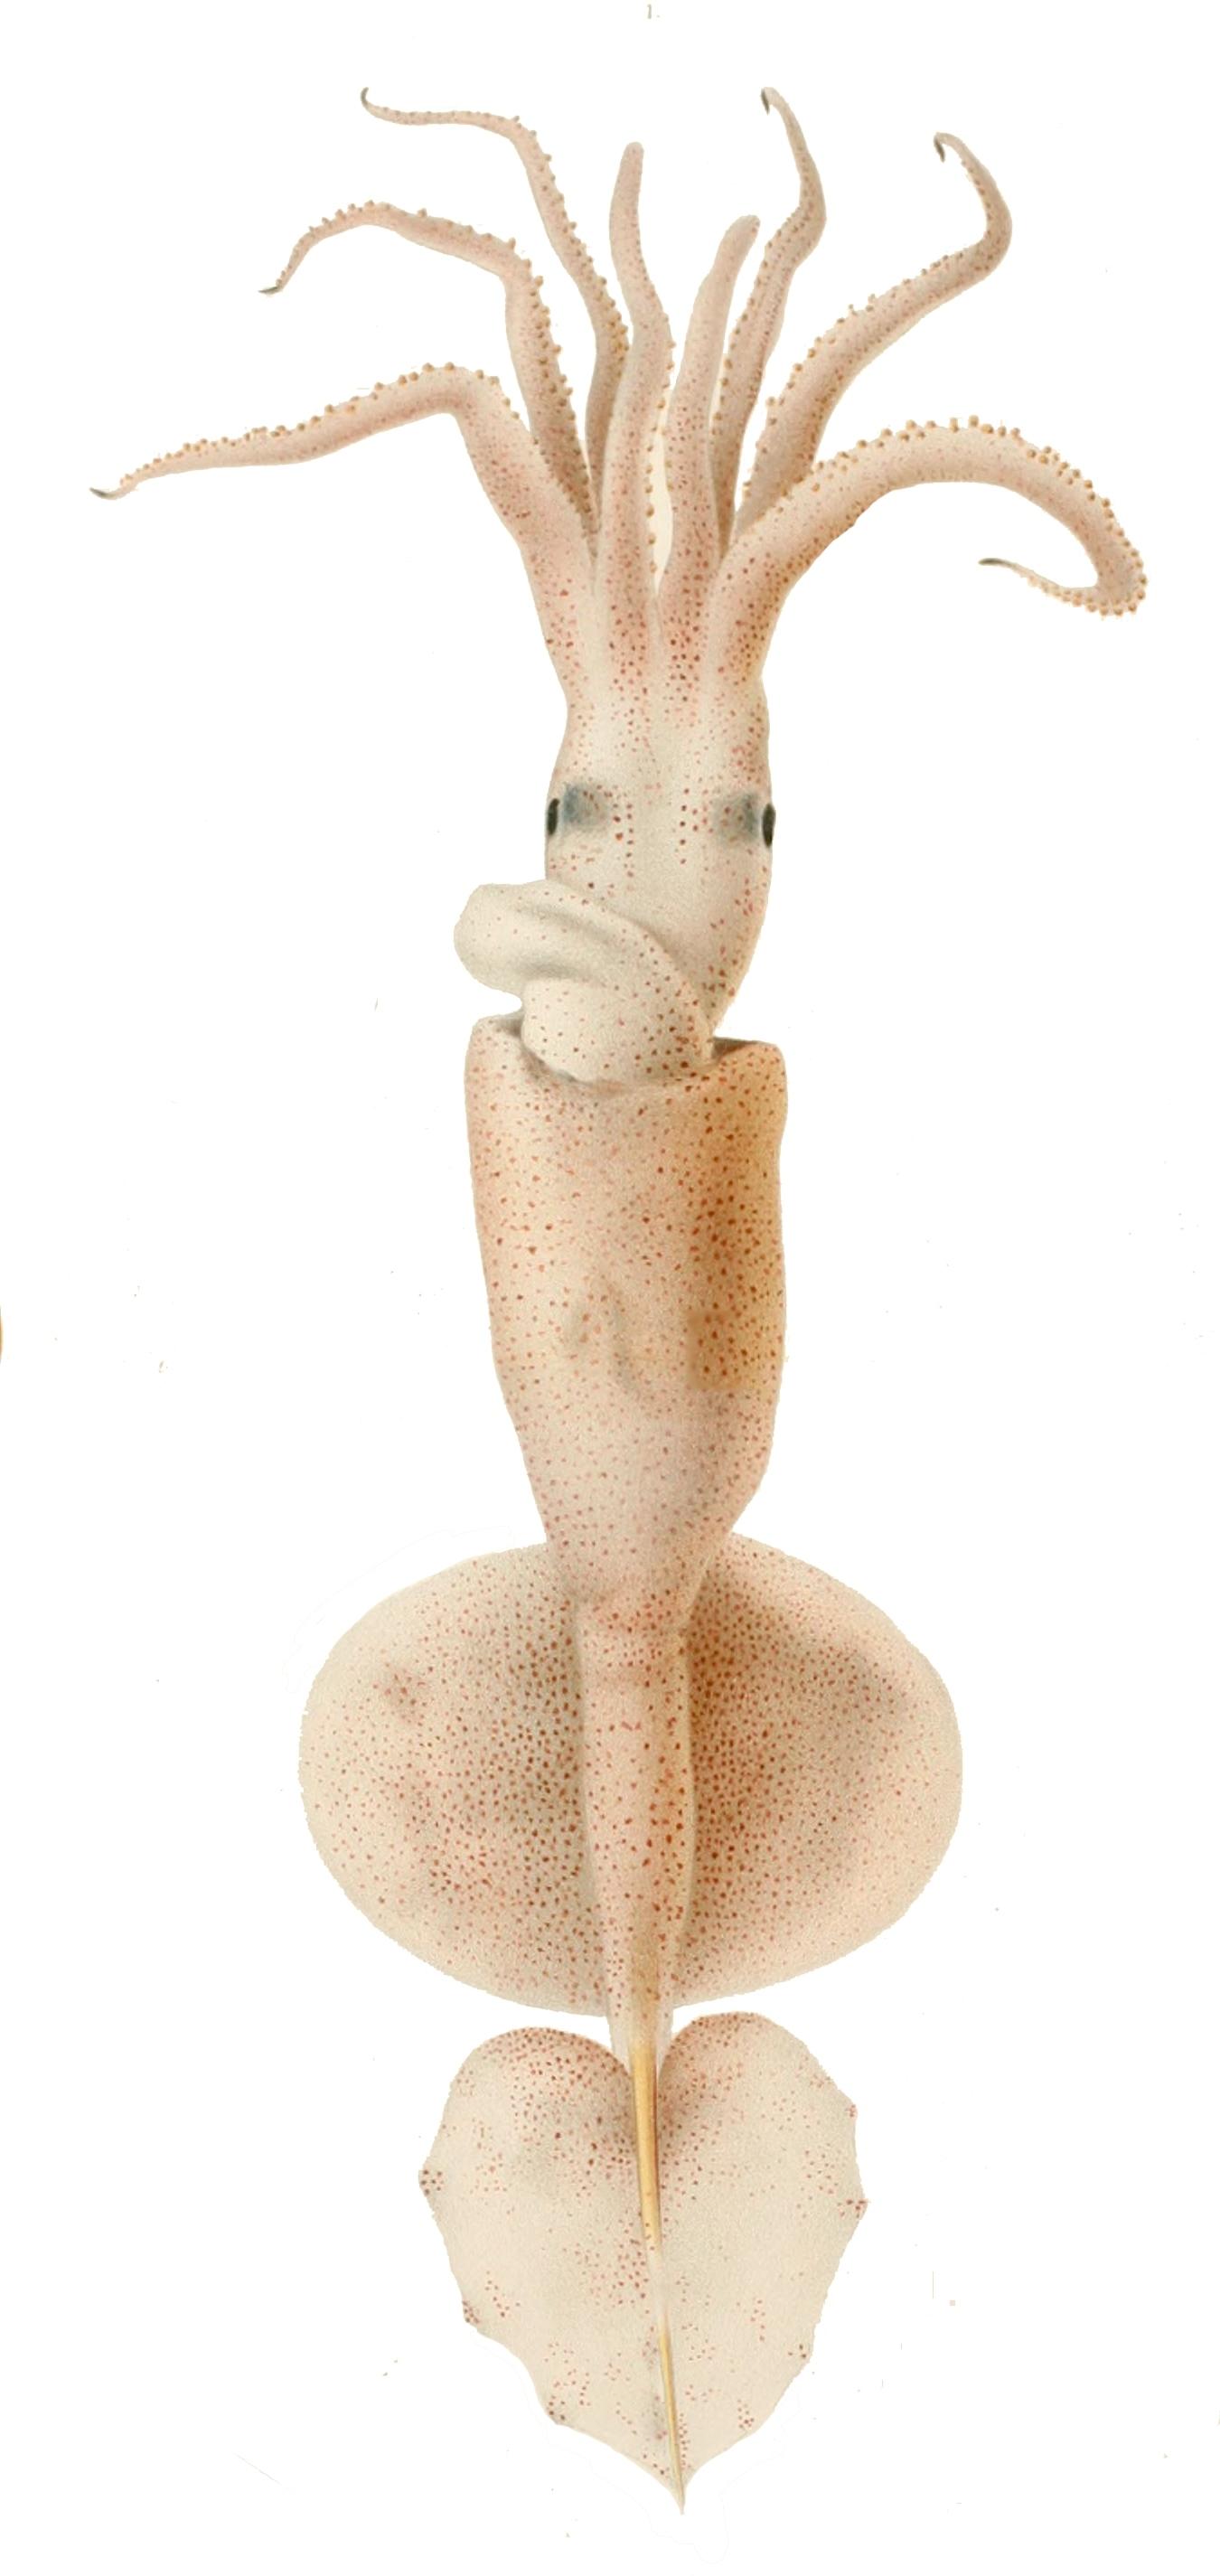 Image of <i>Grimalditeuthis bonplandii</i>